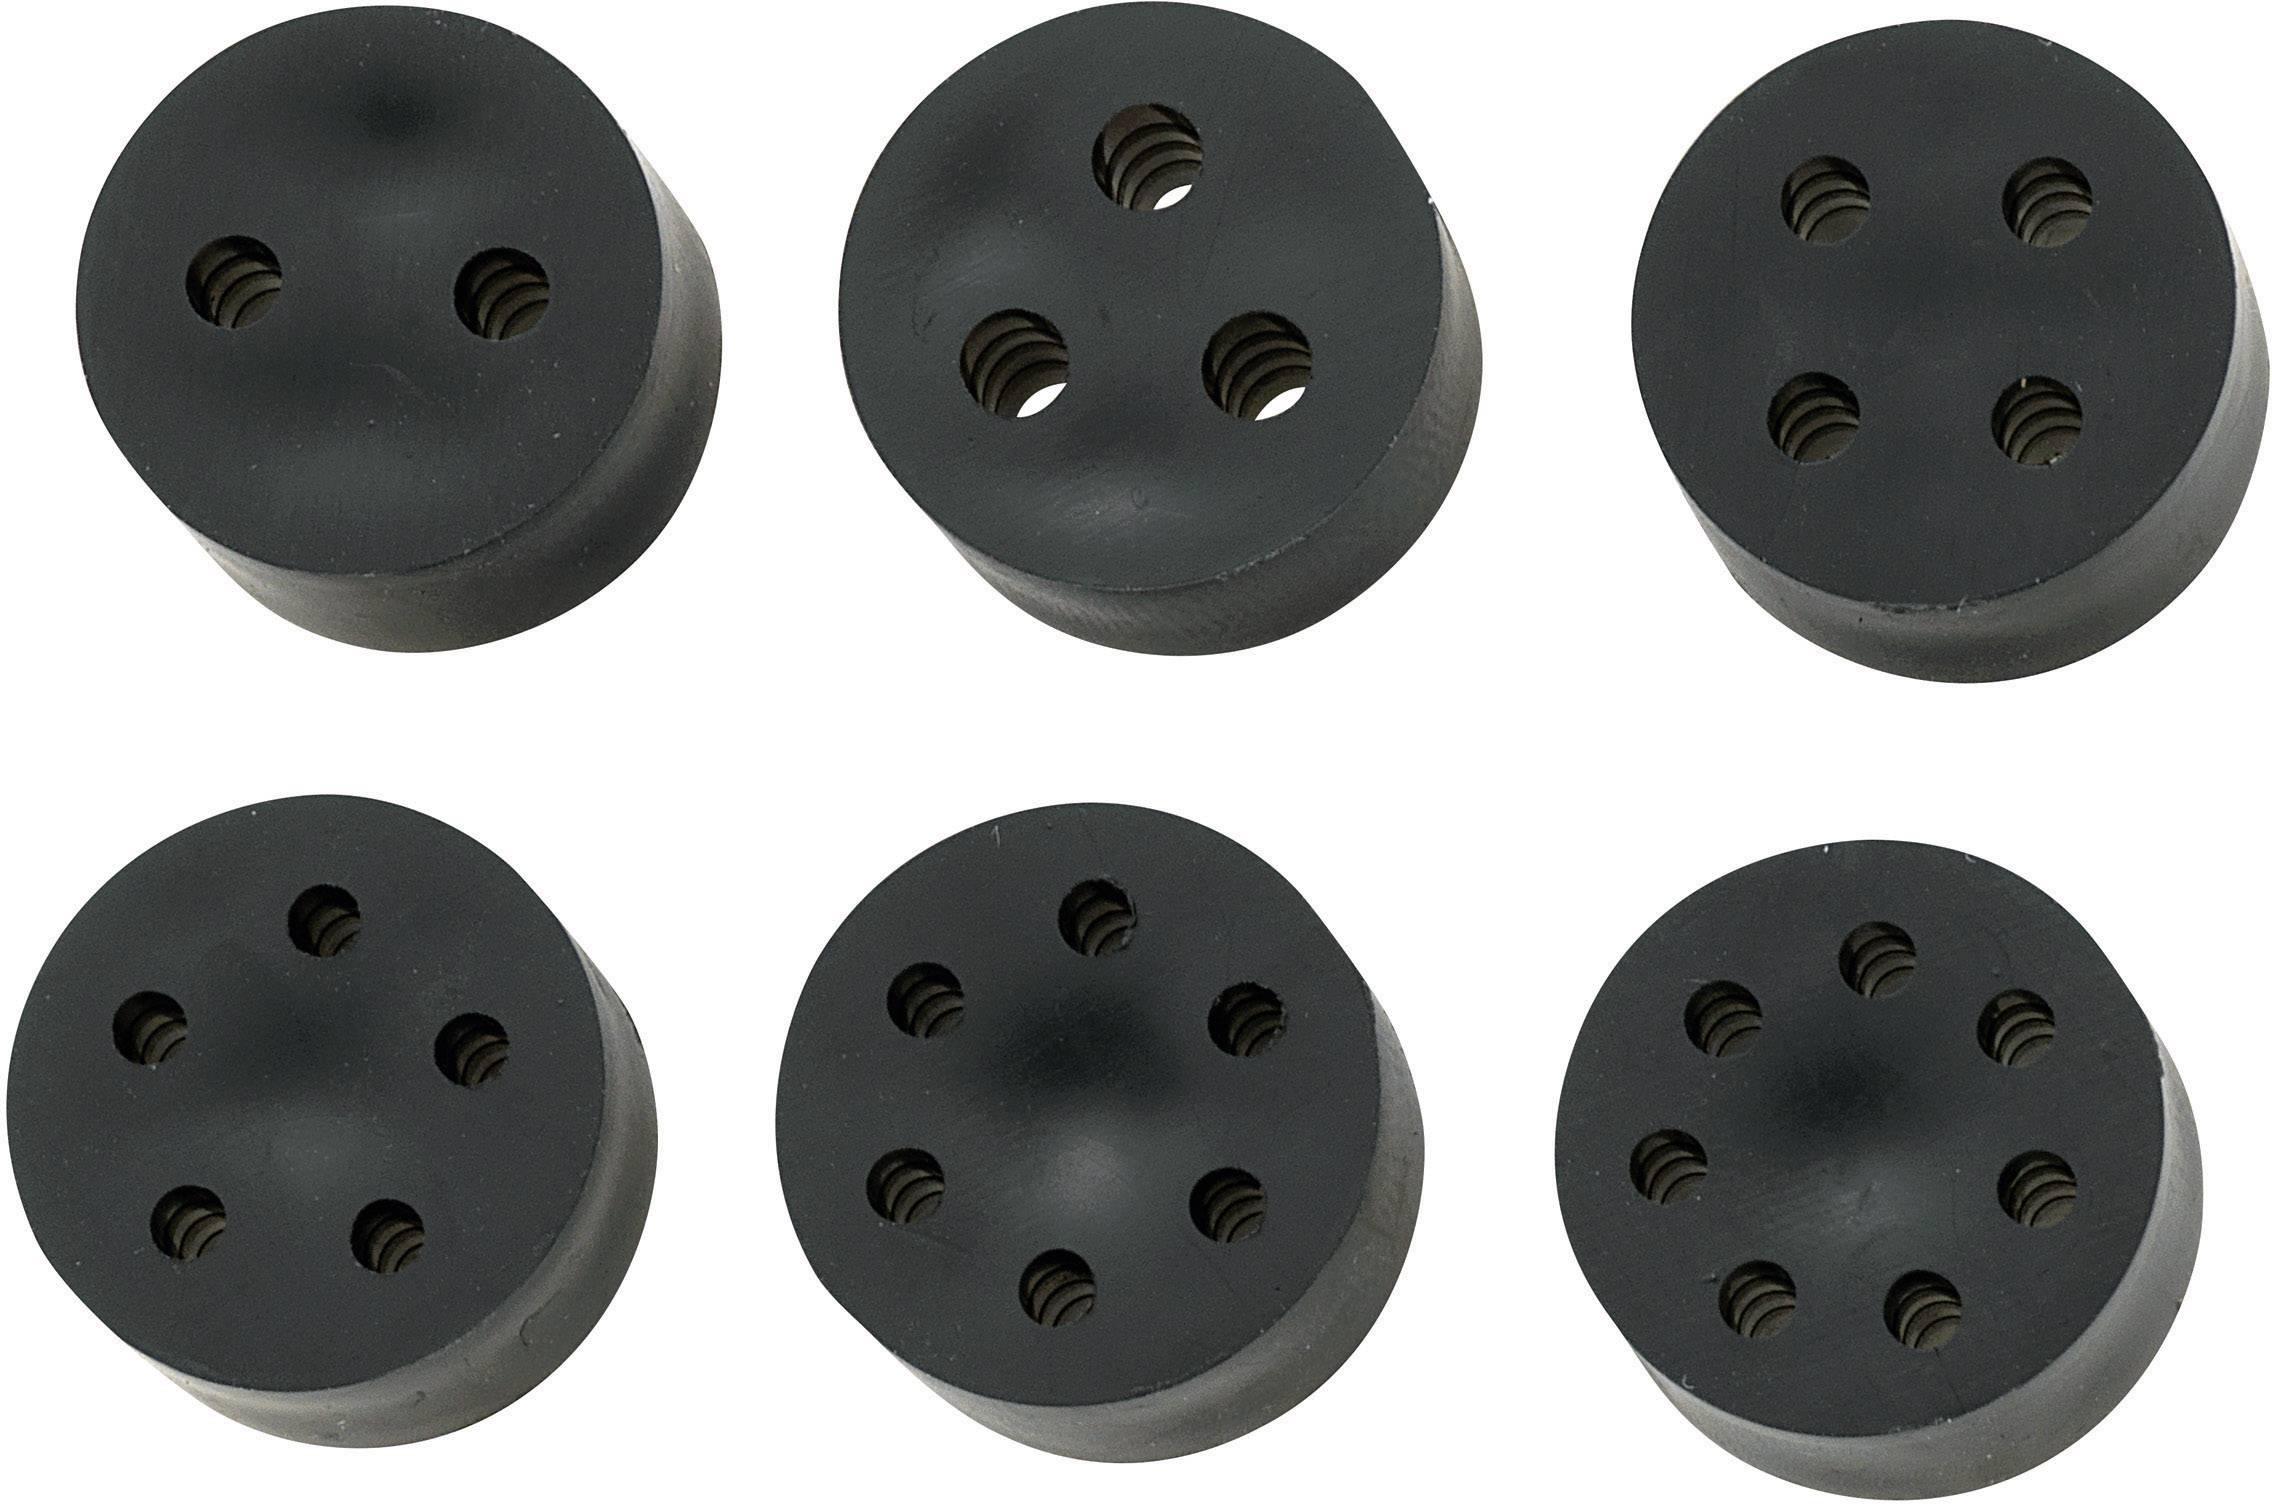 Těsnící vložka s více průchody TRU COMPONENTS TC-MH23-4F203, M25, guma, černá, 1 ks